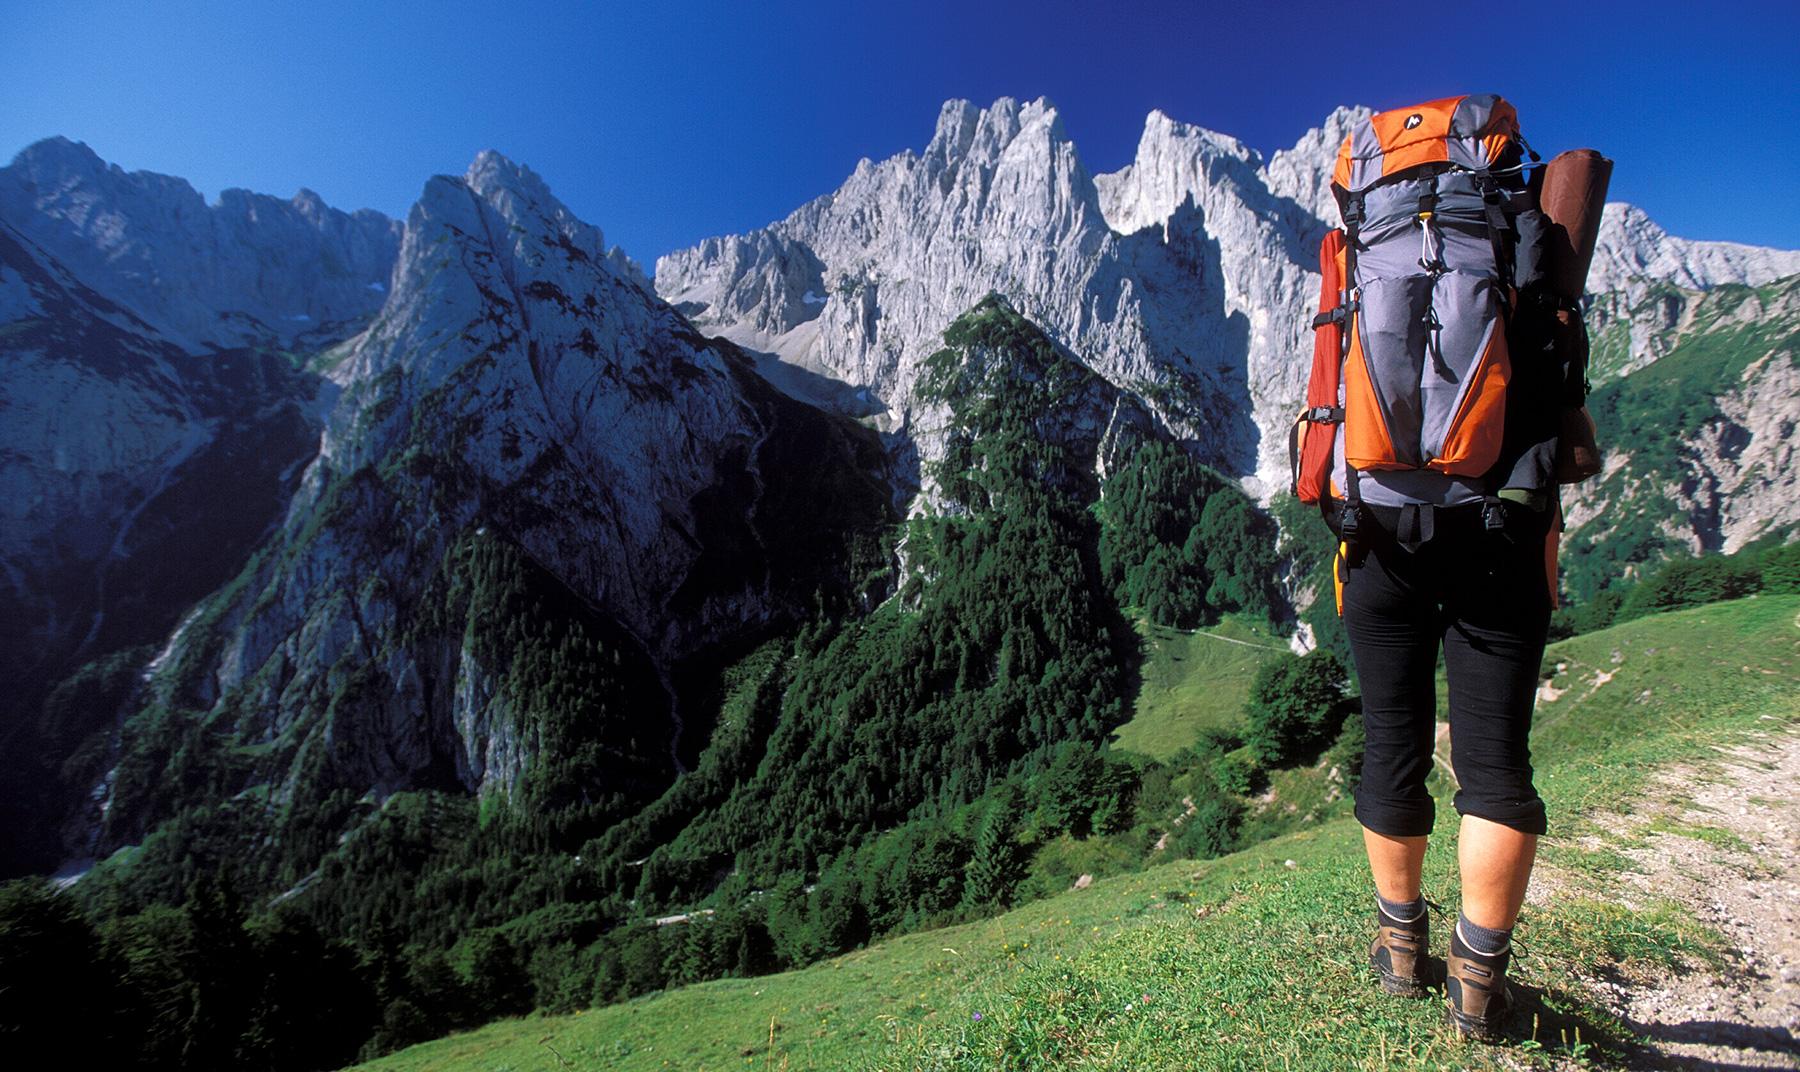 Klettersteig Walchsee : Wandern walchsee wanderurlaub kaiserwinkl campingplatz